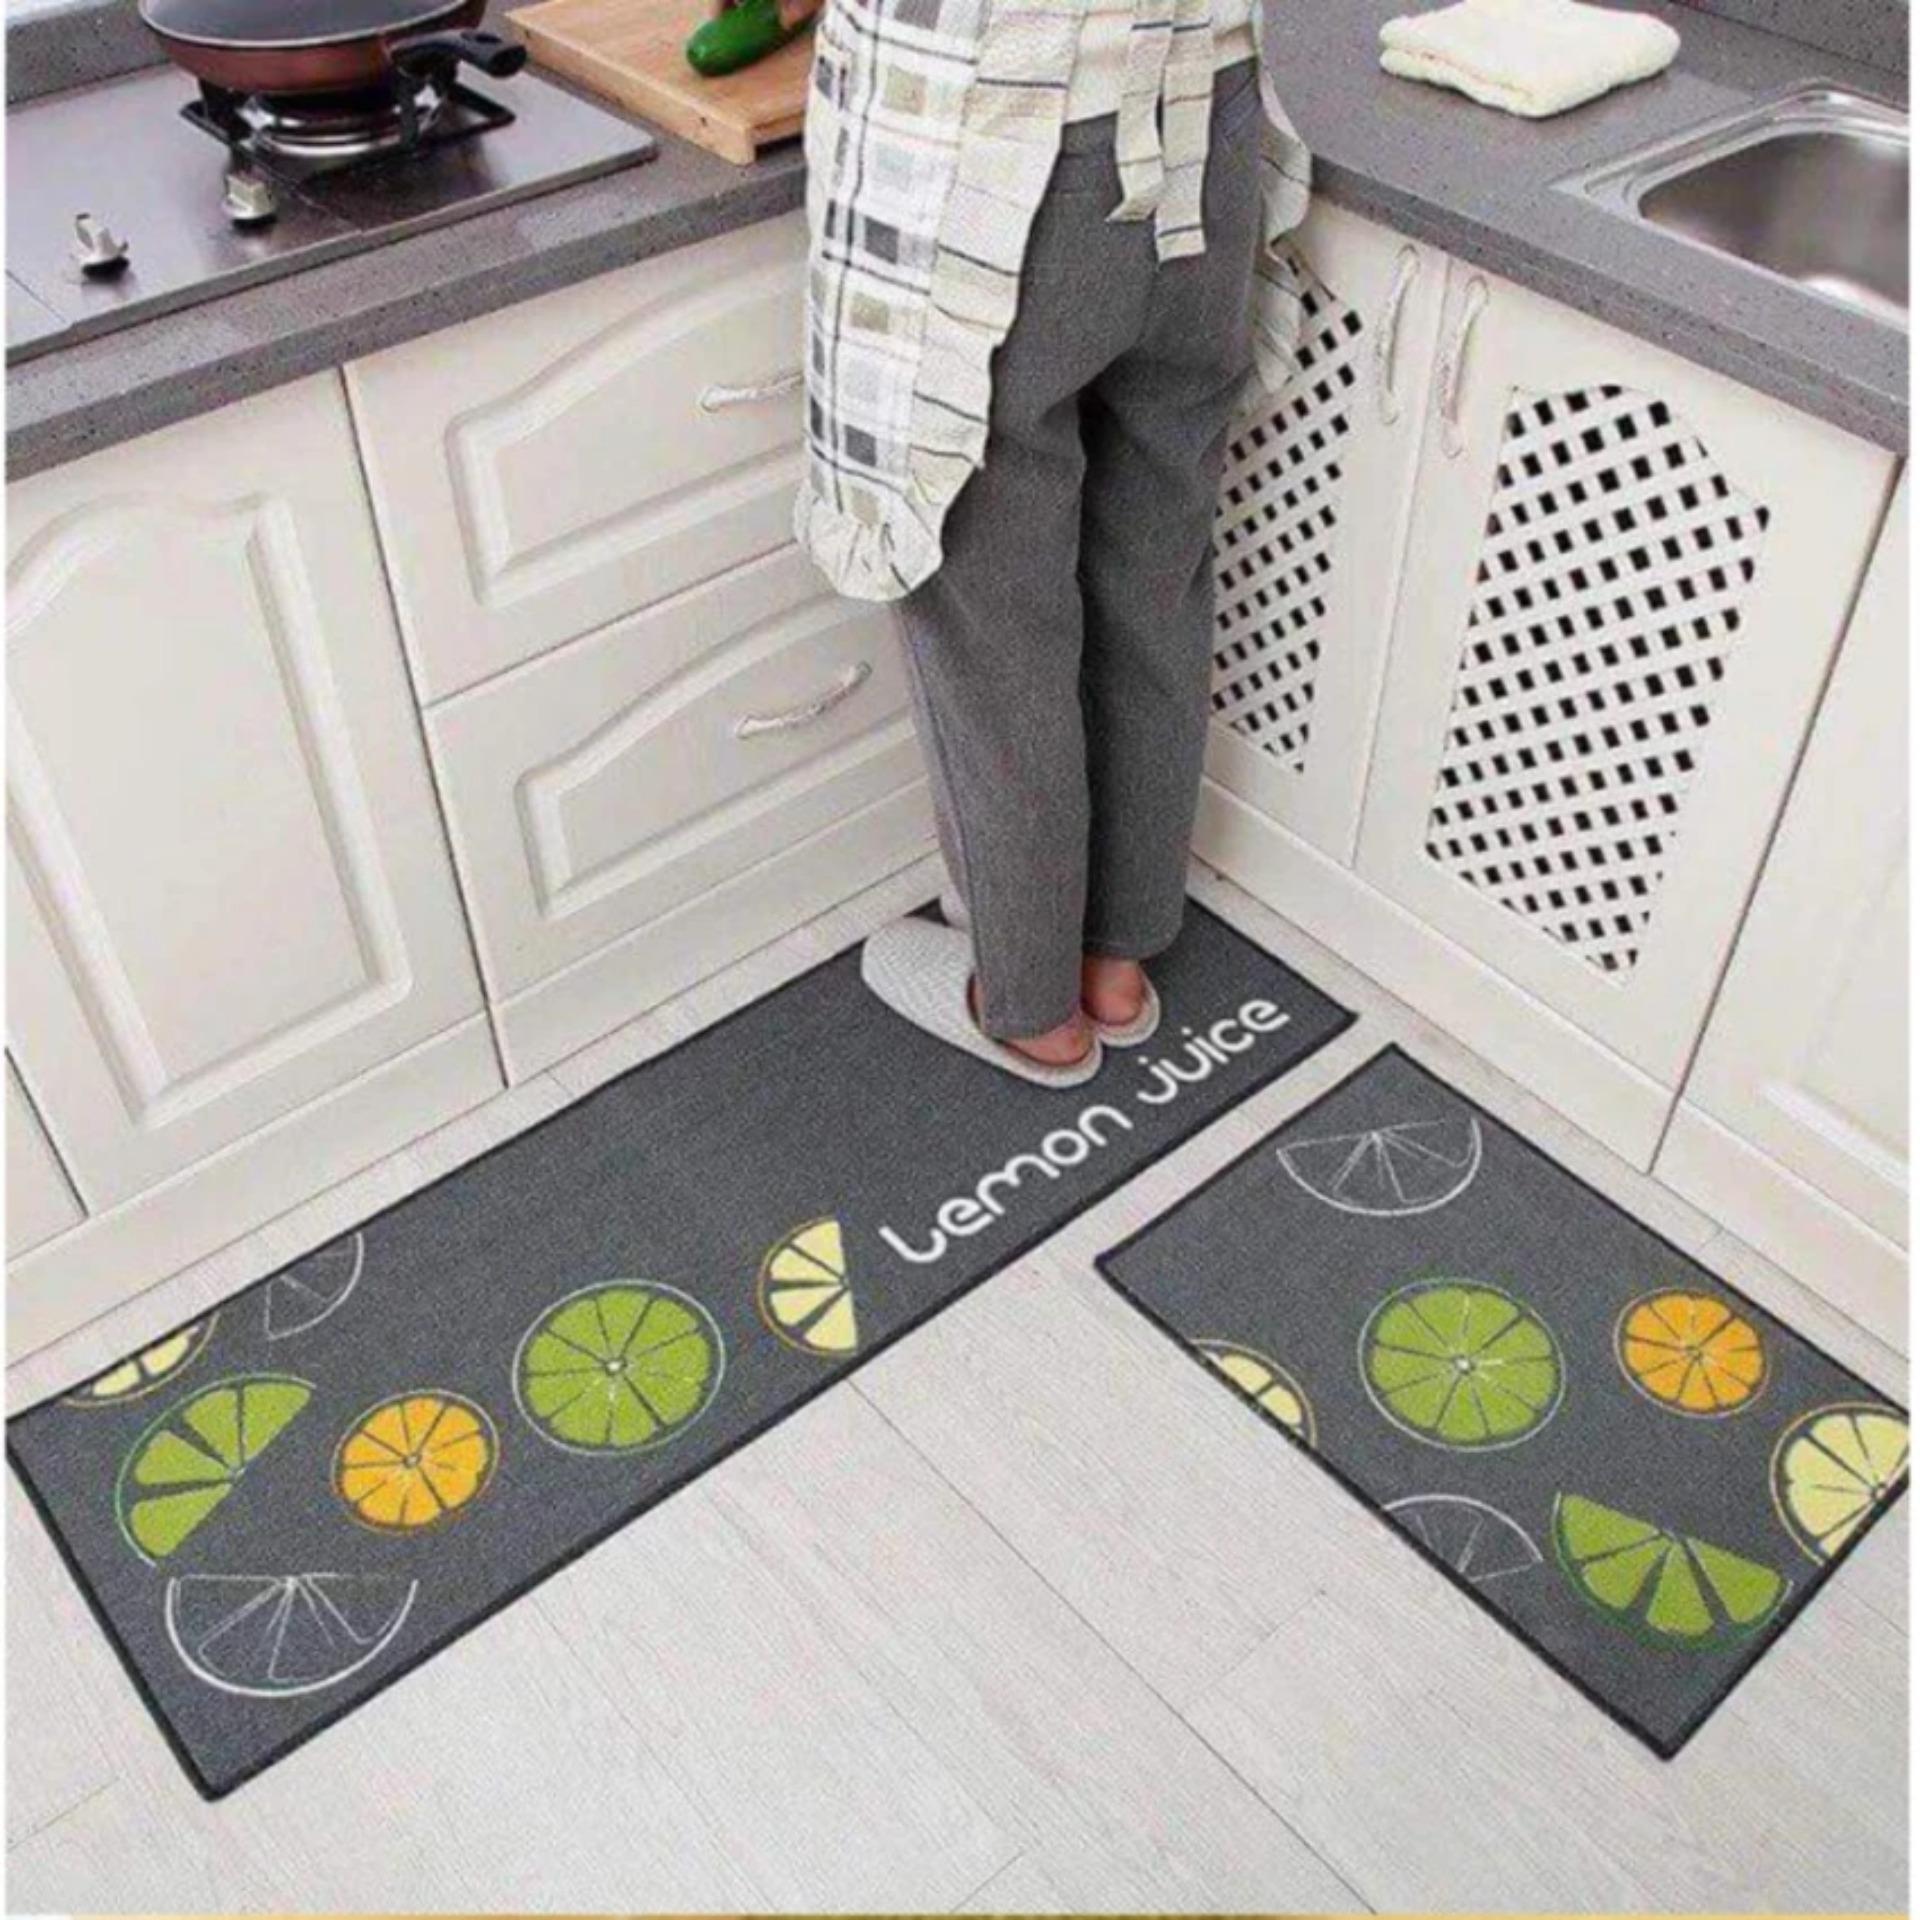 Giá Bộ 2 thảm nhà bếp cao cấp